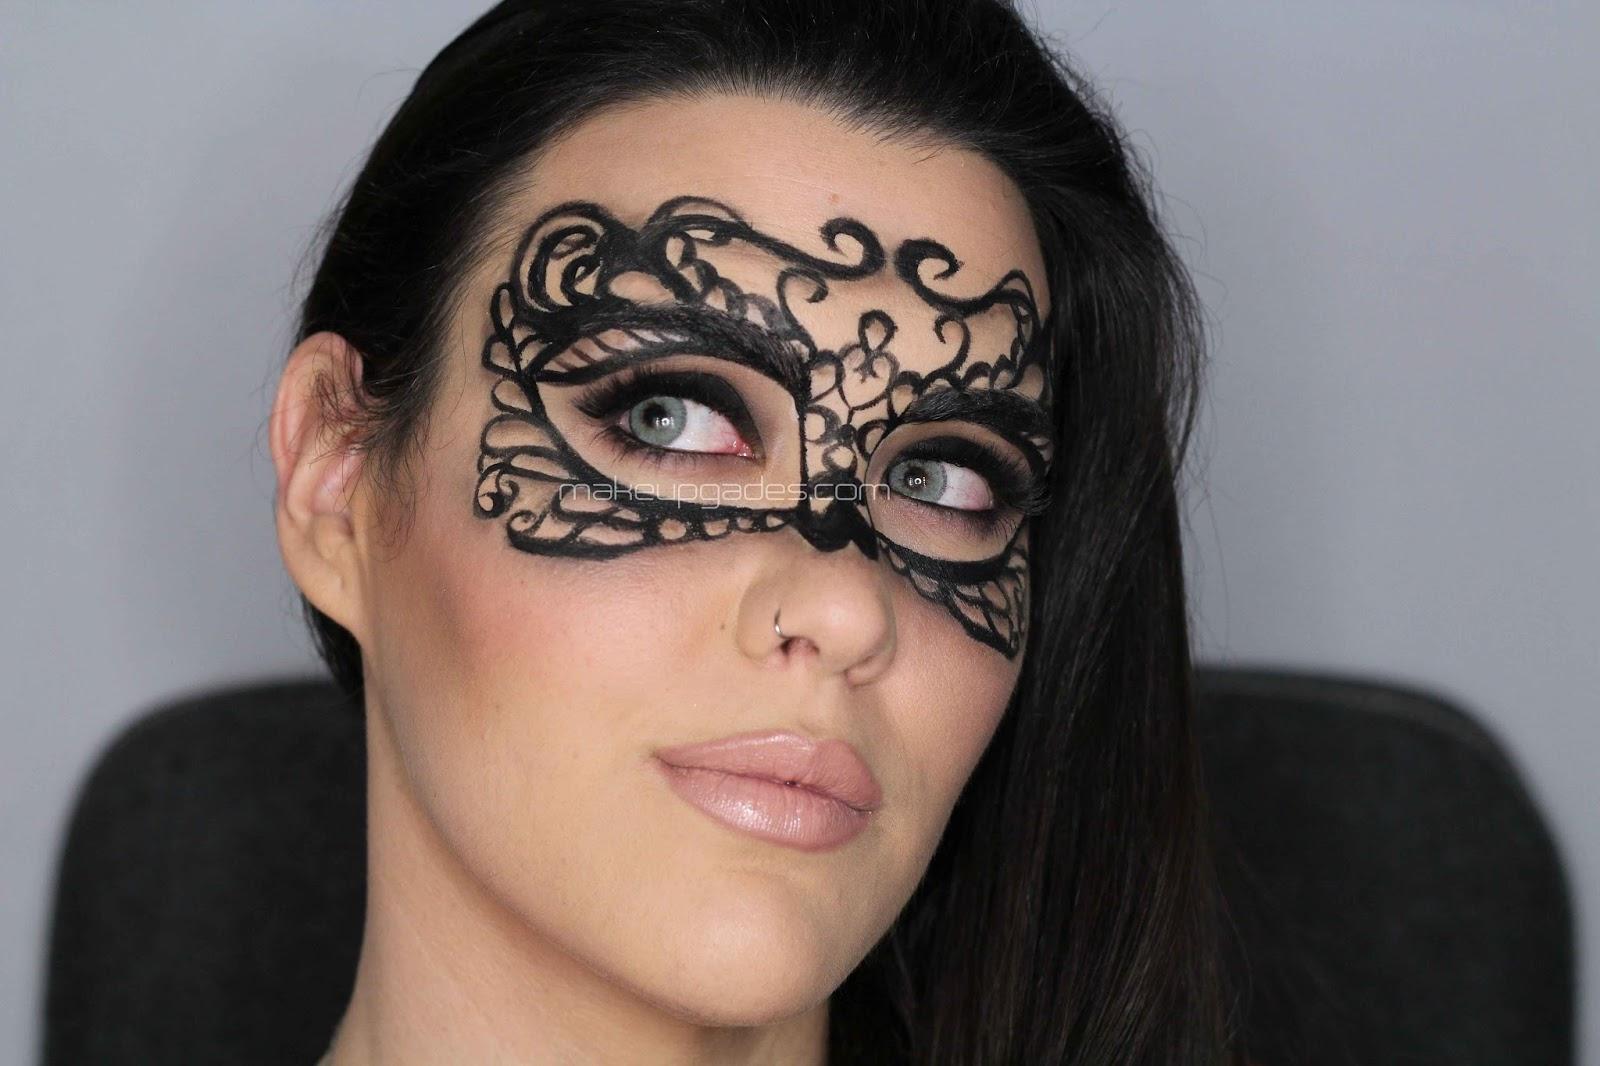 Grimas Black Face Paint